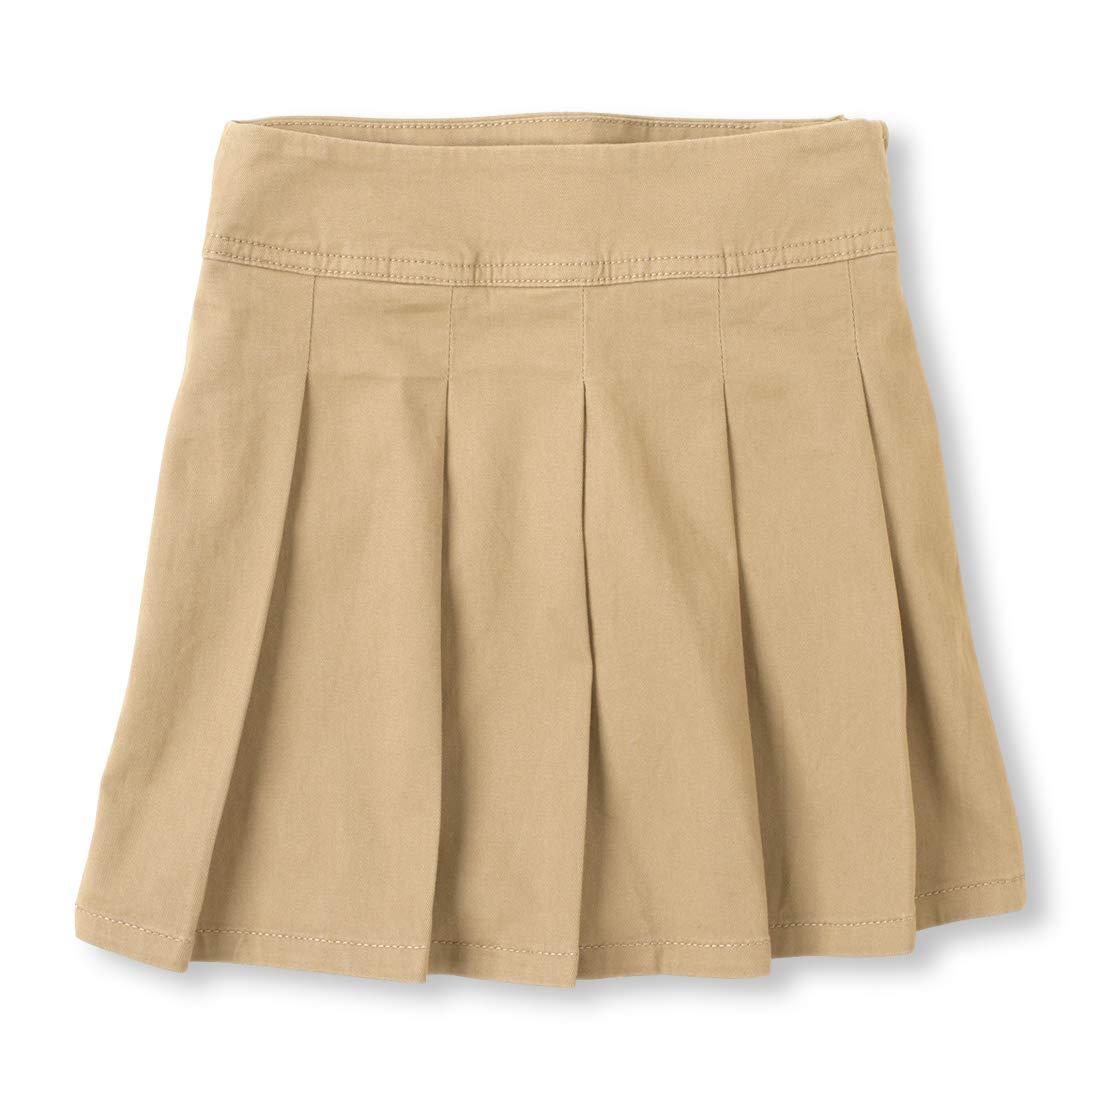 The Children's Place Big Girls' Uniform Skort, Sandy, 5